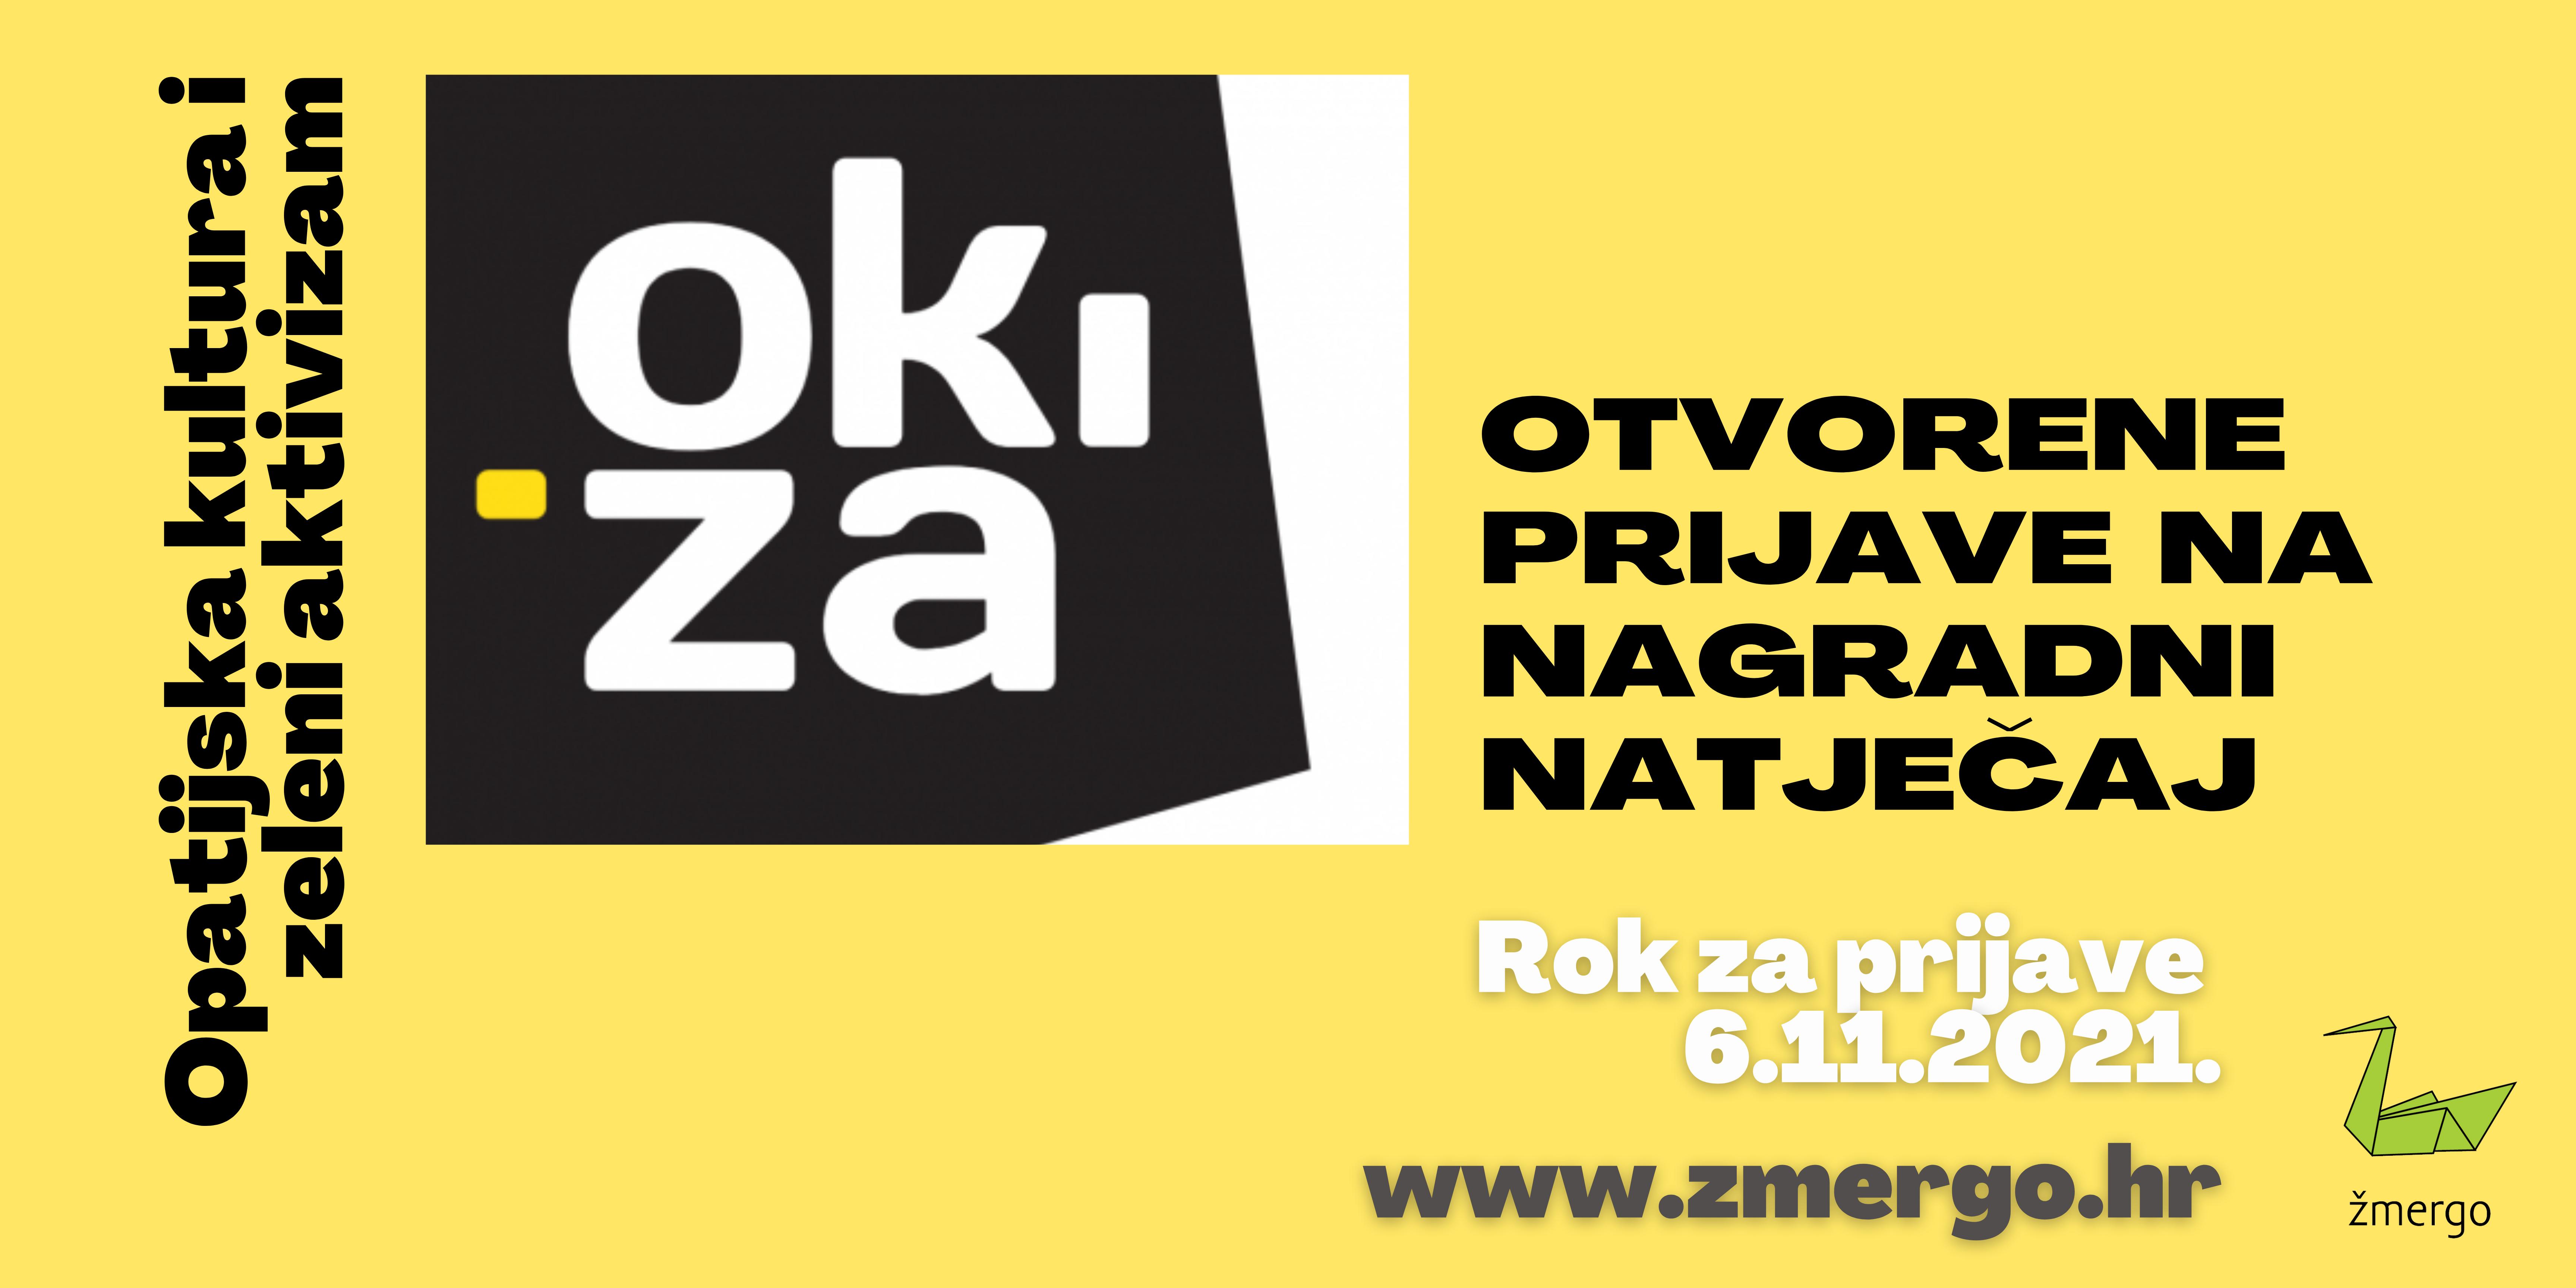 Otvoren poziv za prijave na OKiZA 2021.